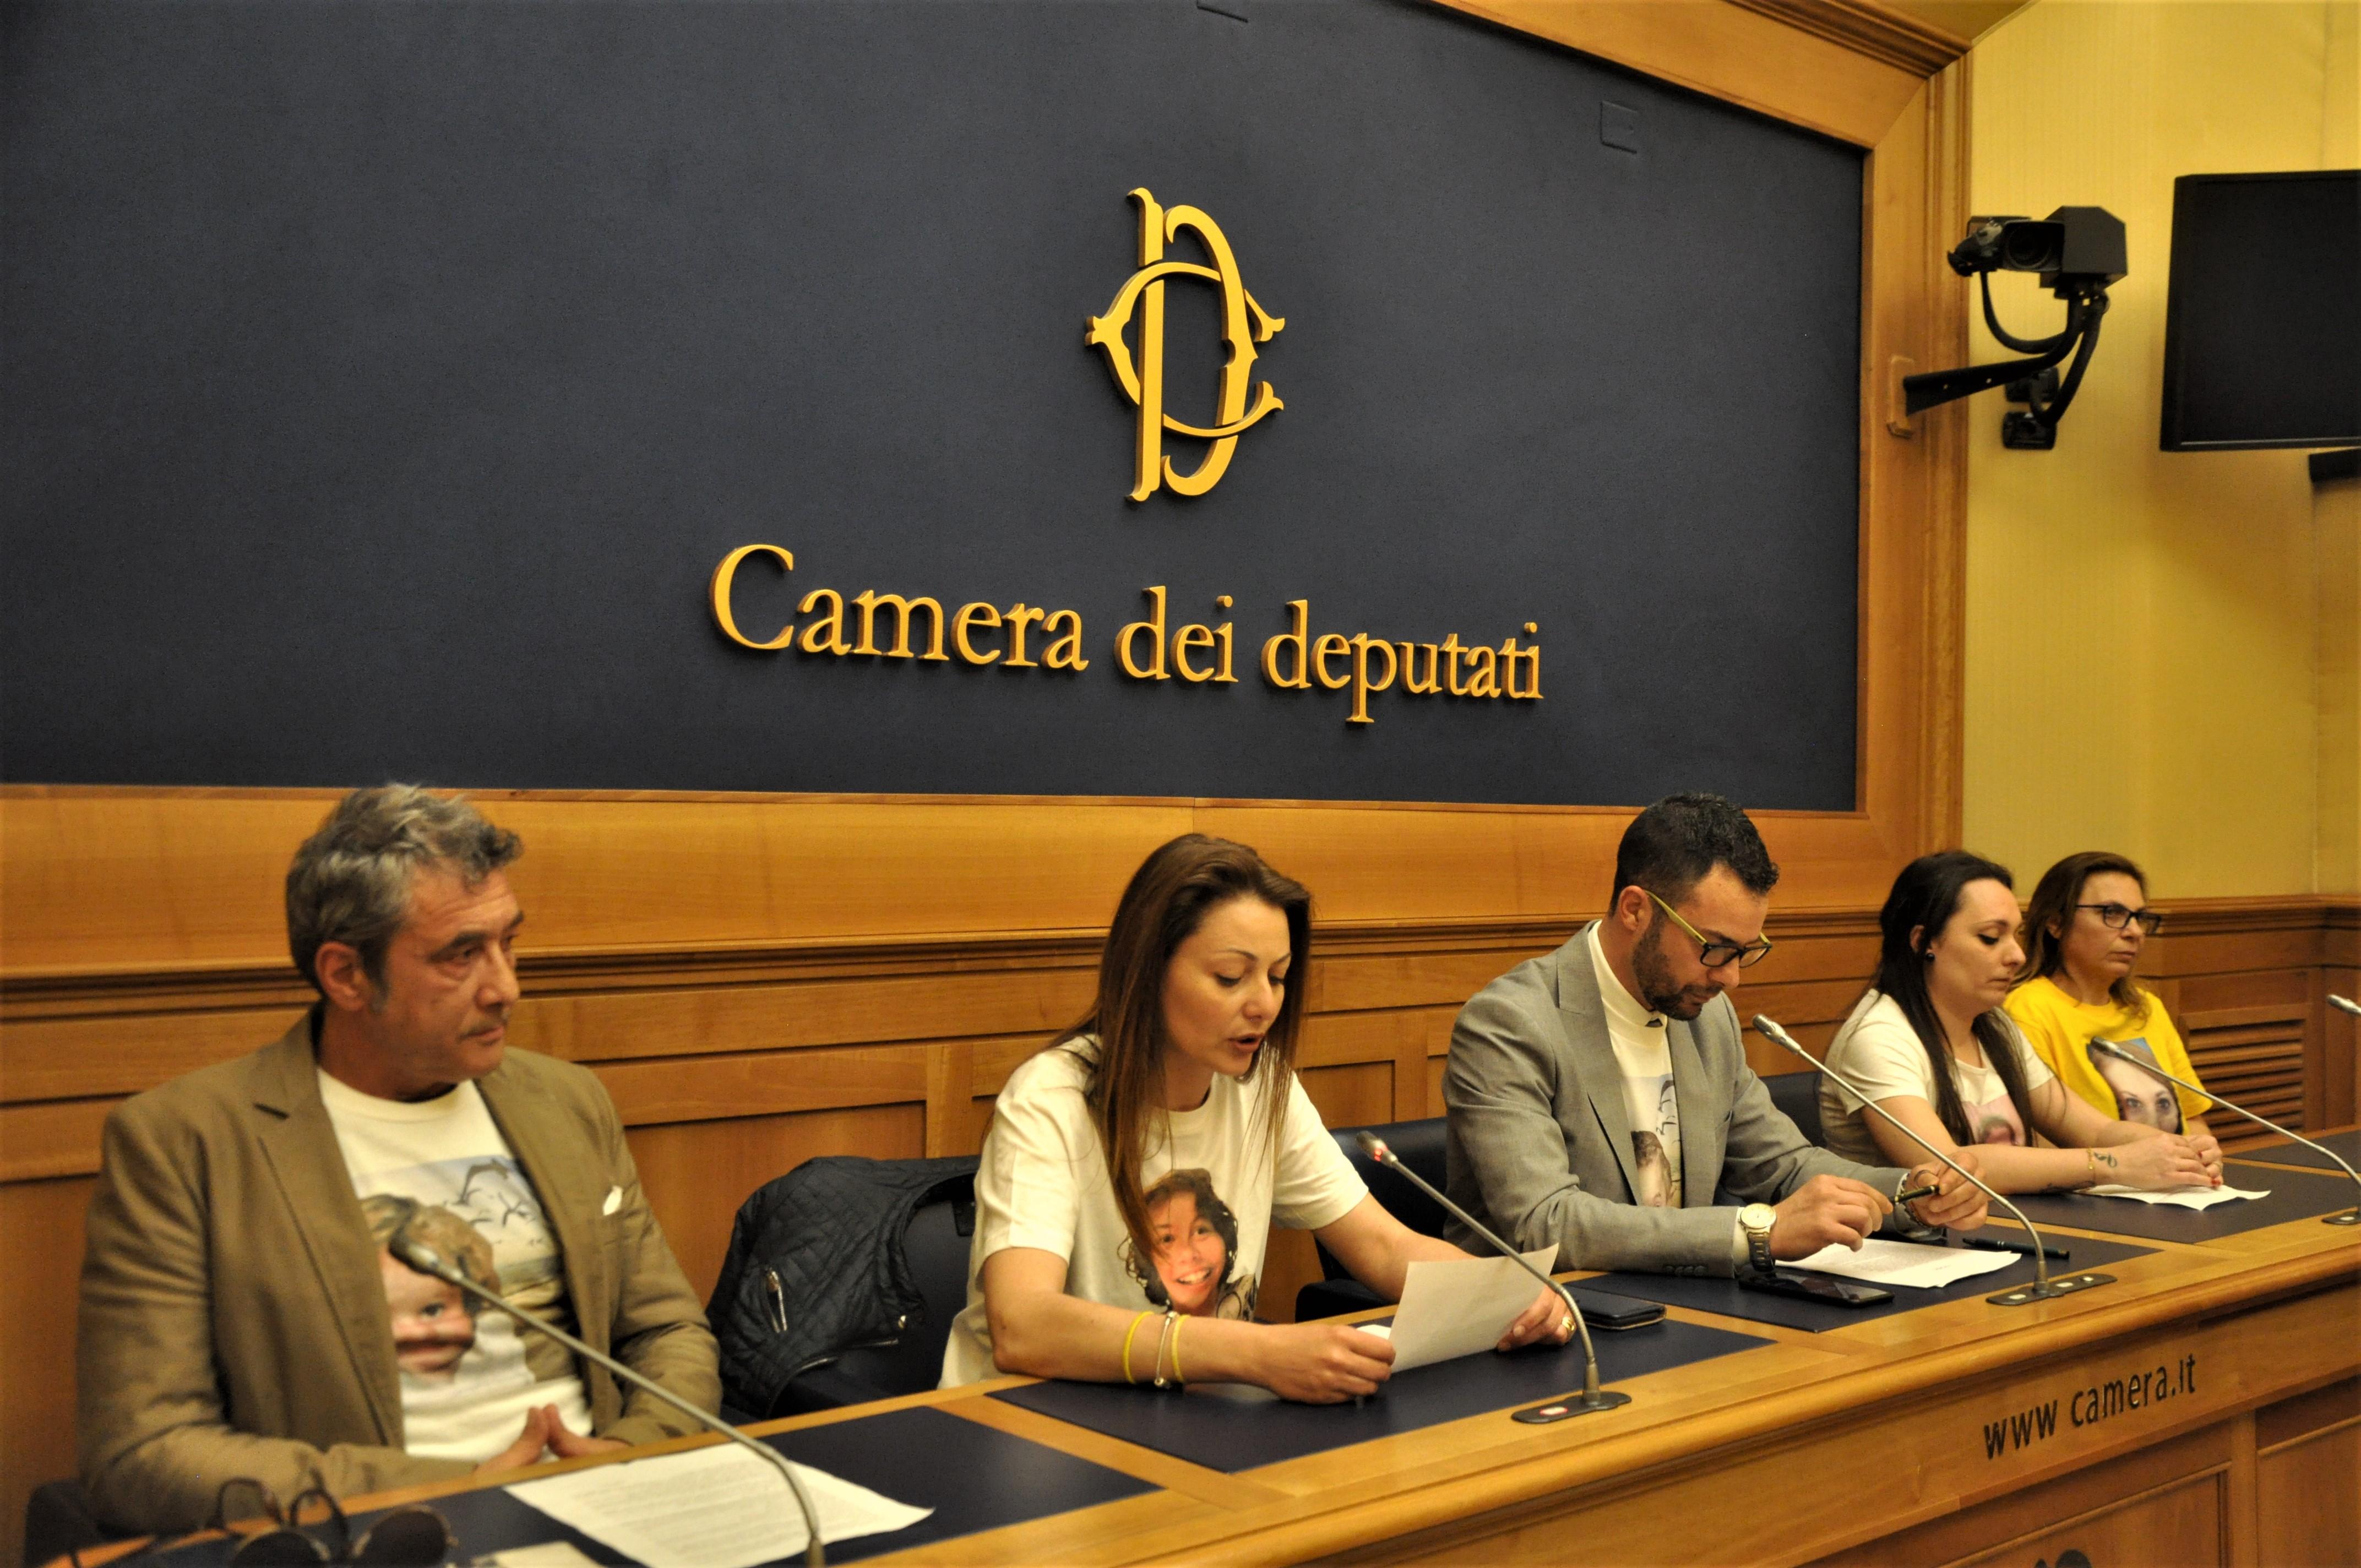 Taranto comitato niobe alla camera dei deputati for Ieri alla camera dei deputati